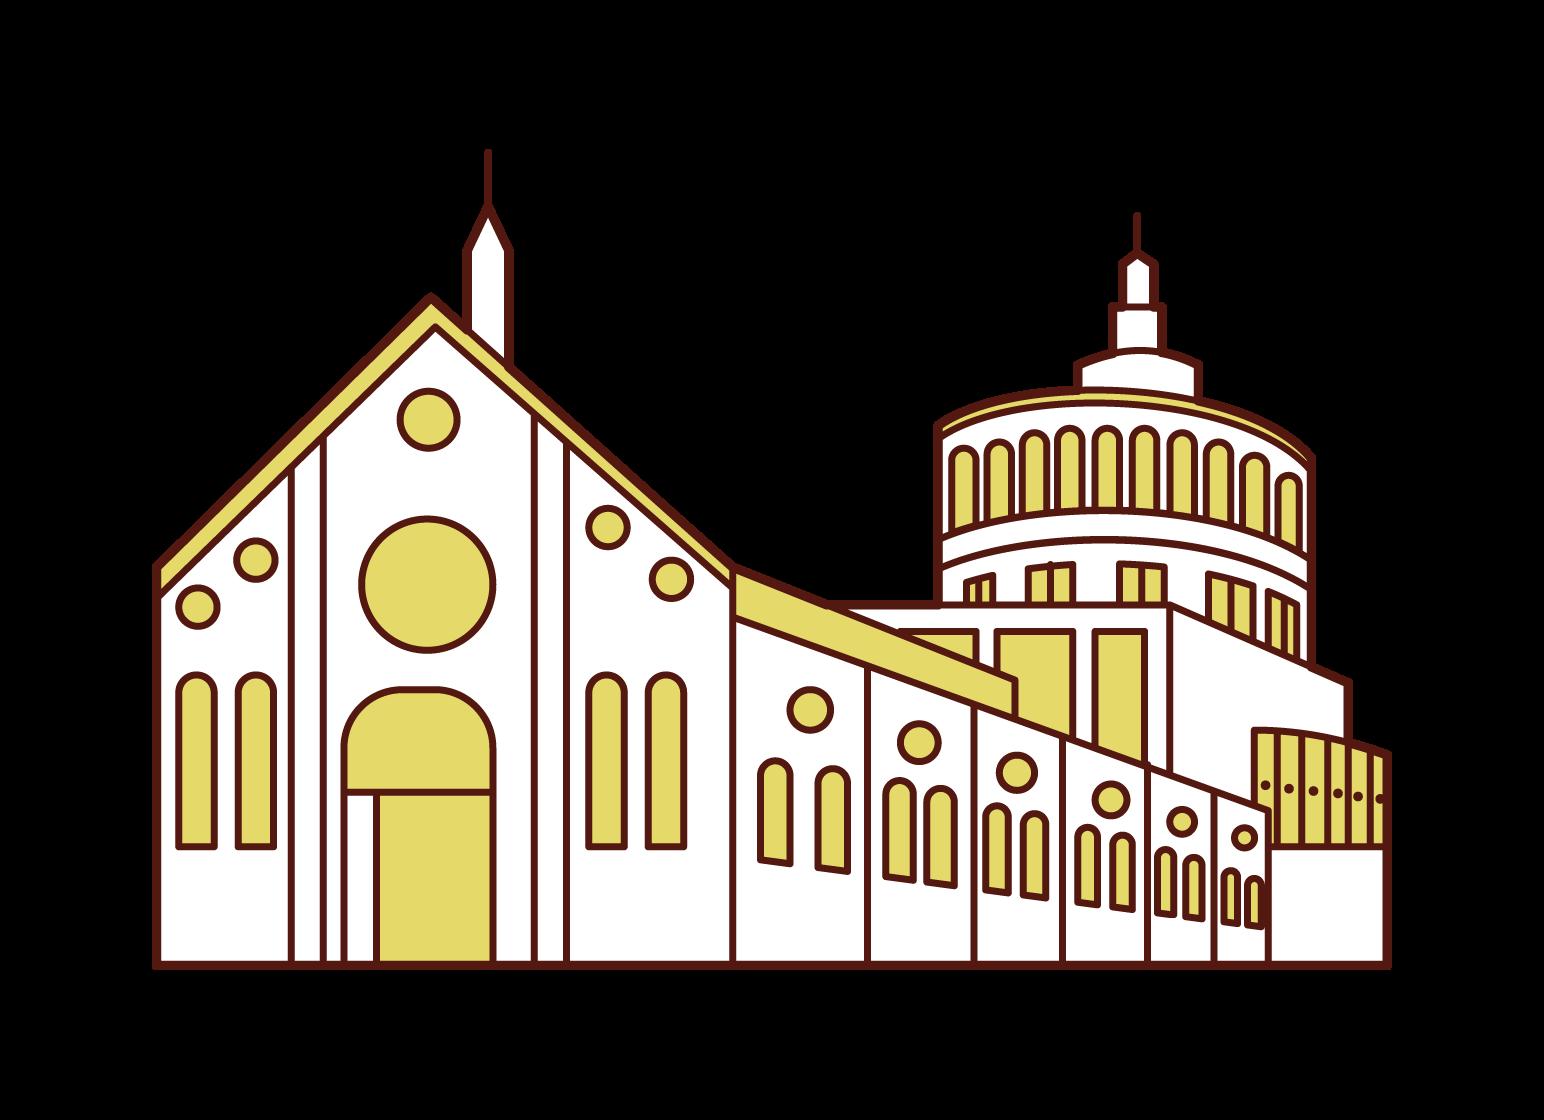 聖瑪麗亞德爾格拉齊教堂插圖